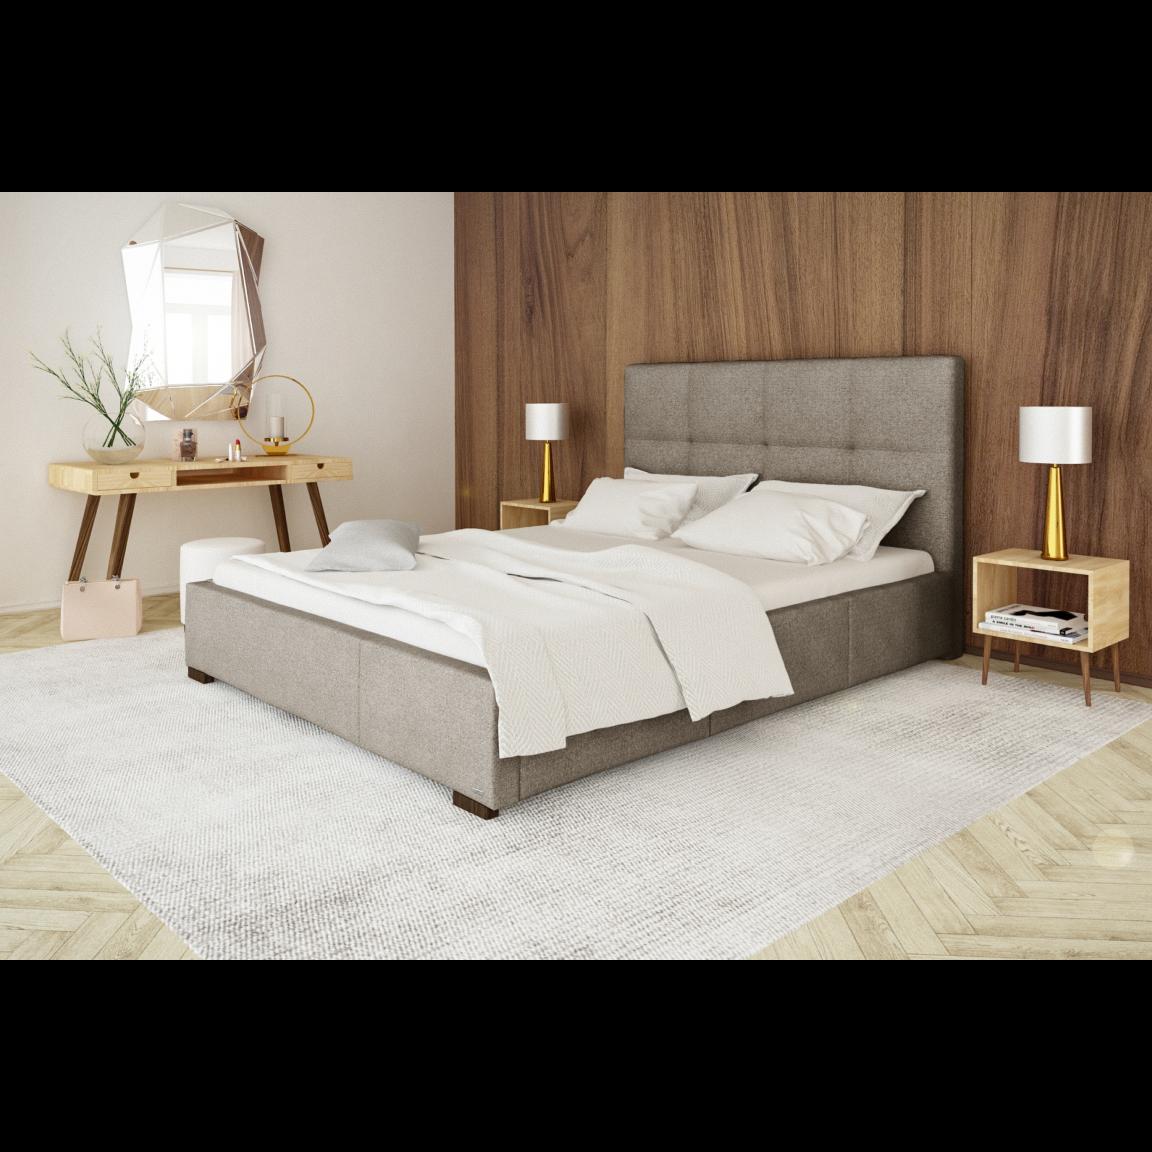 Gepolstertes Bett Cobalt mit Staumöglichkeit   Braun-140 x 200 cm